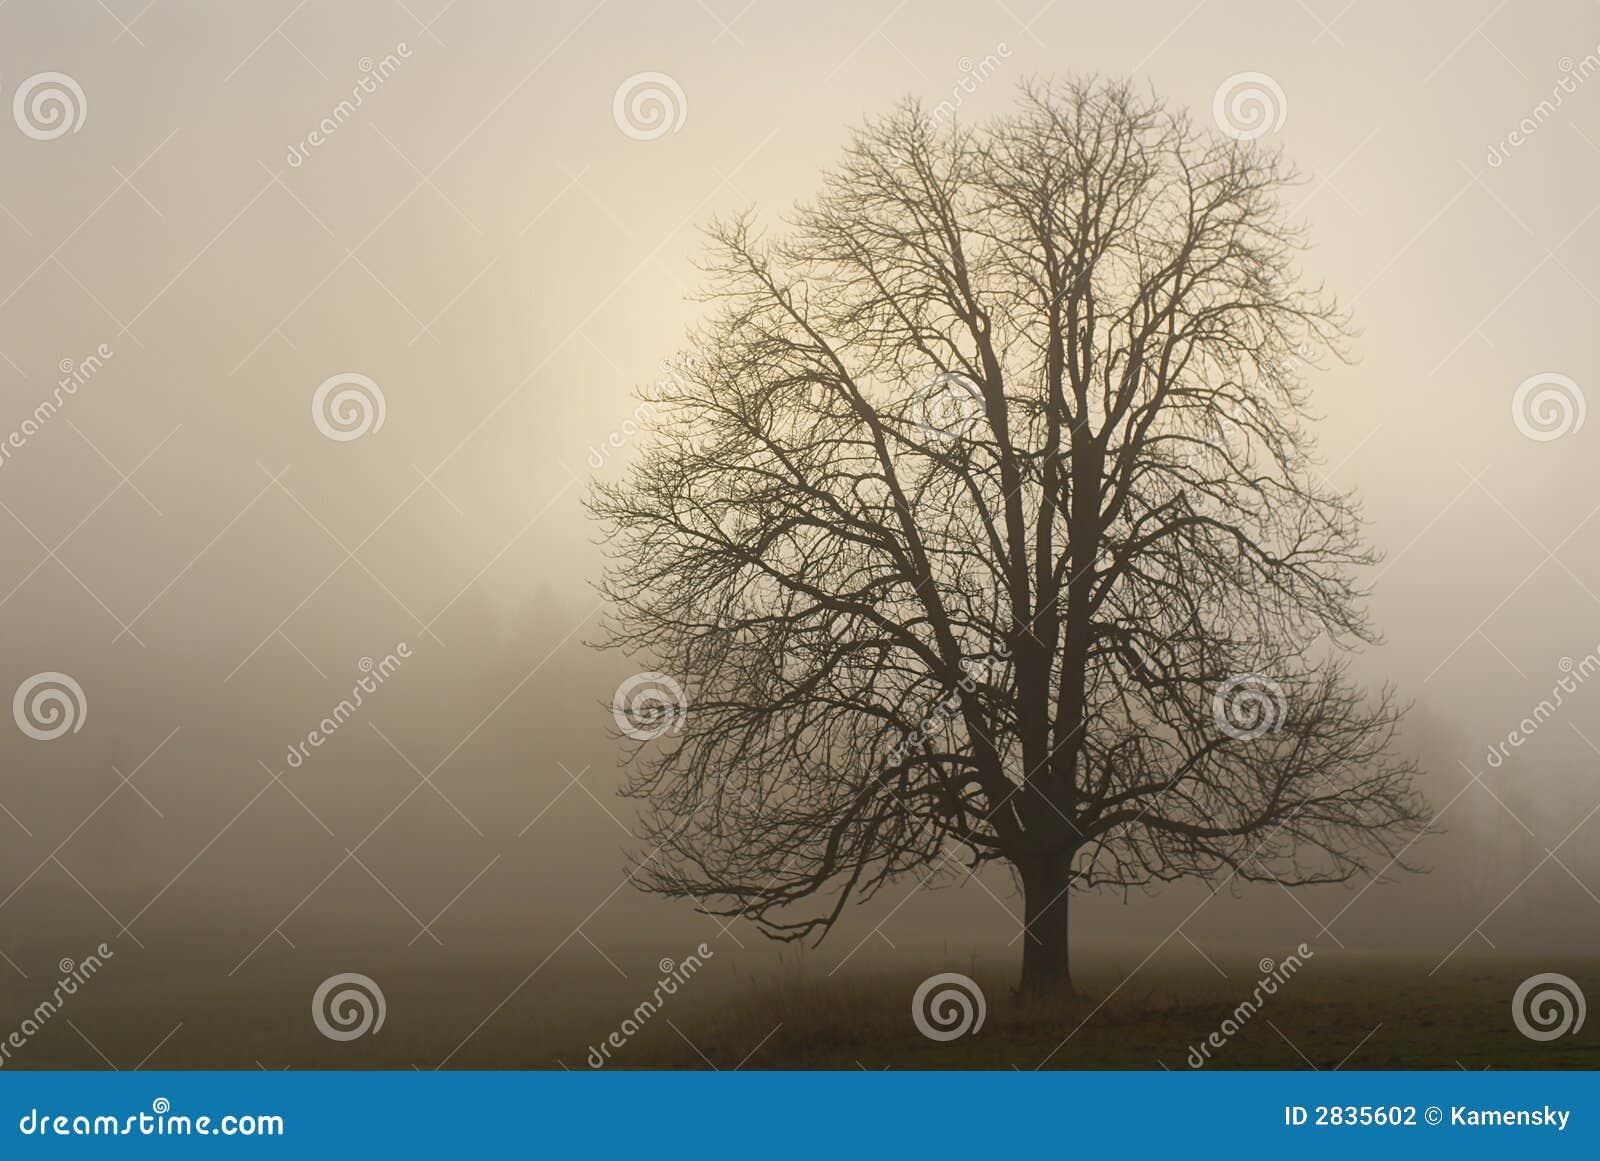 Fog-1